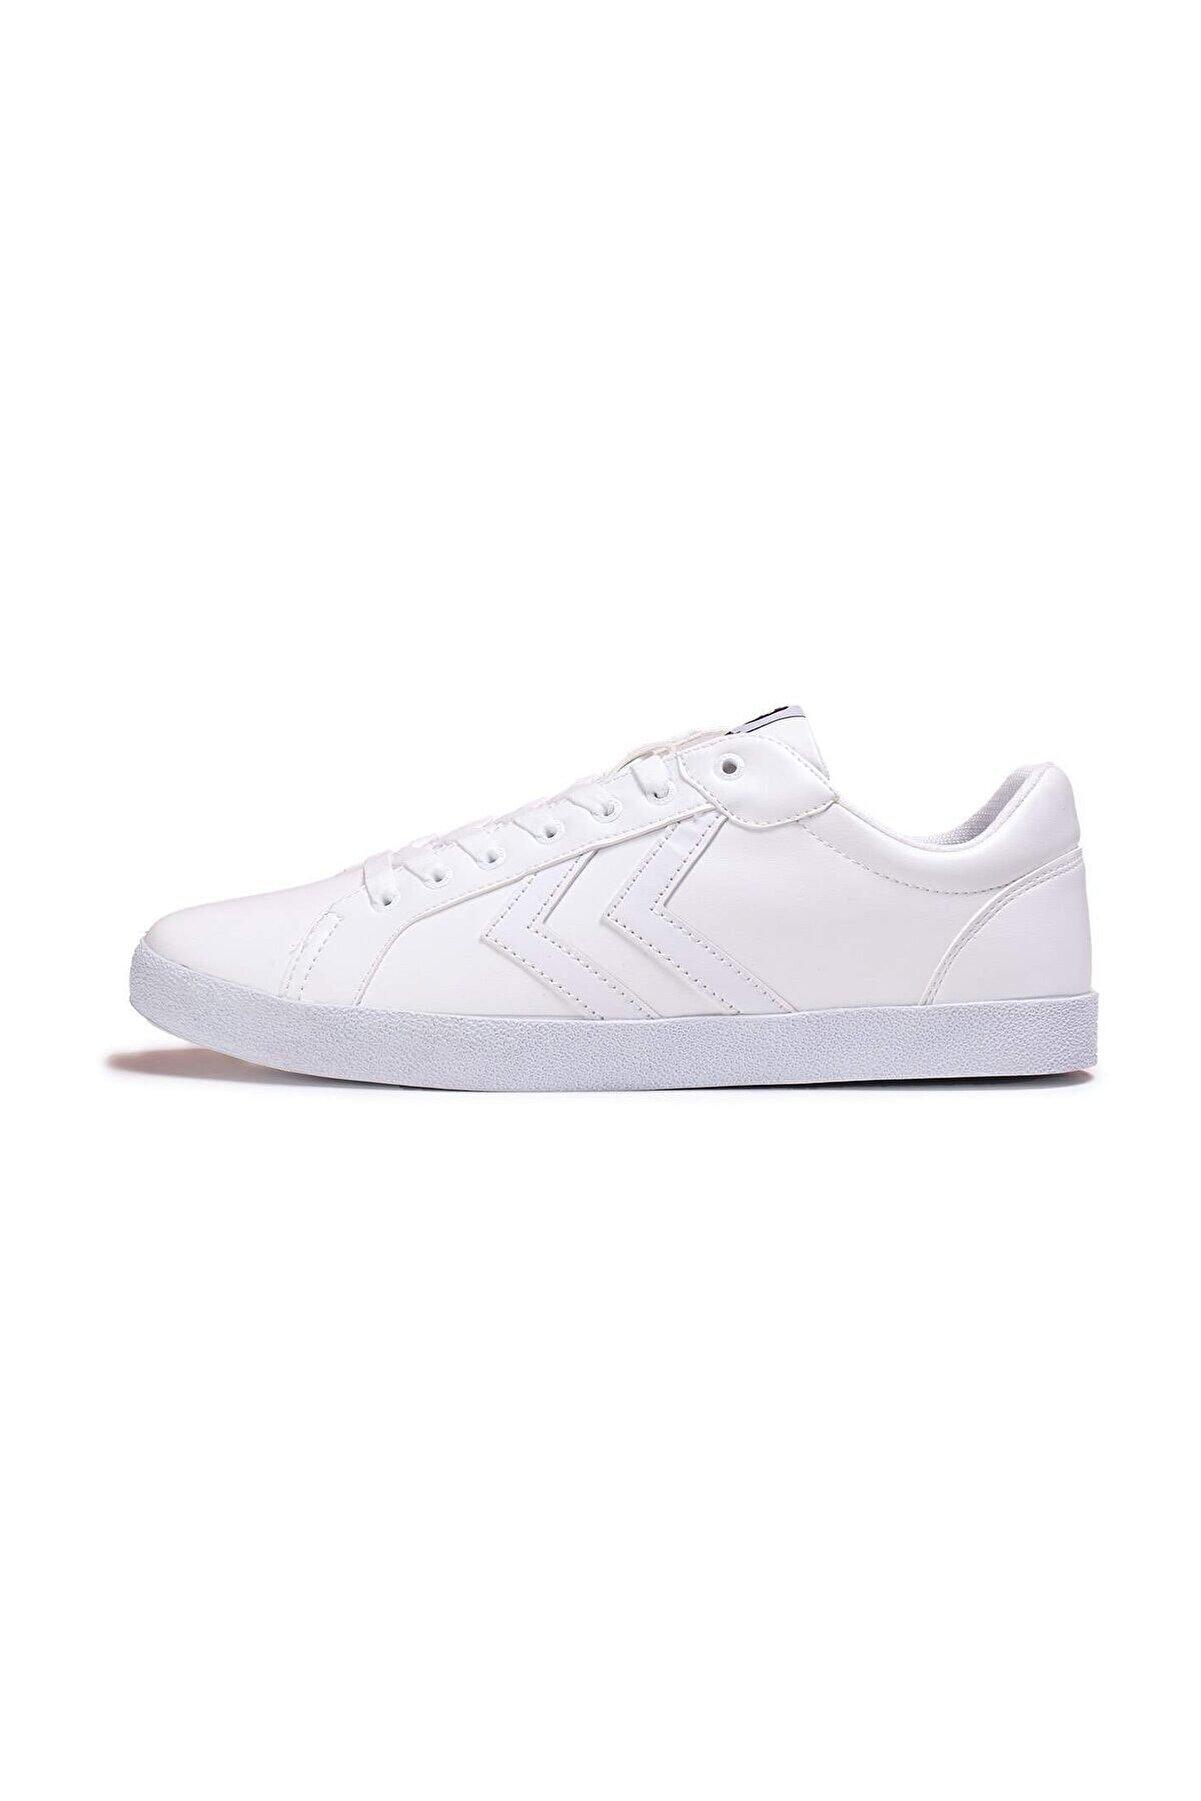 HUMMEL Deuce Court Tonal Beyaz Unisex Ayakkabı